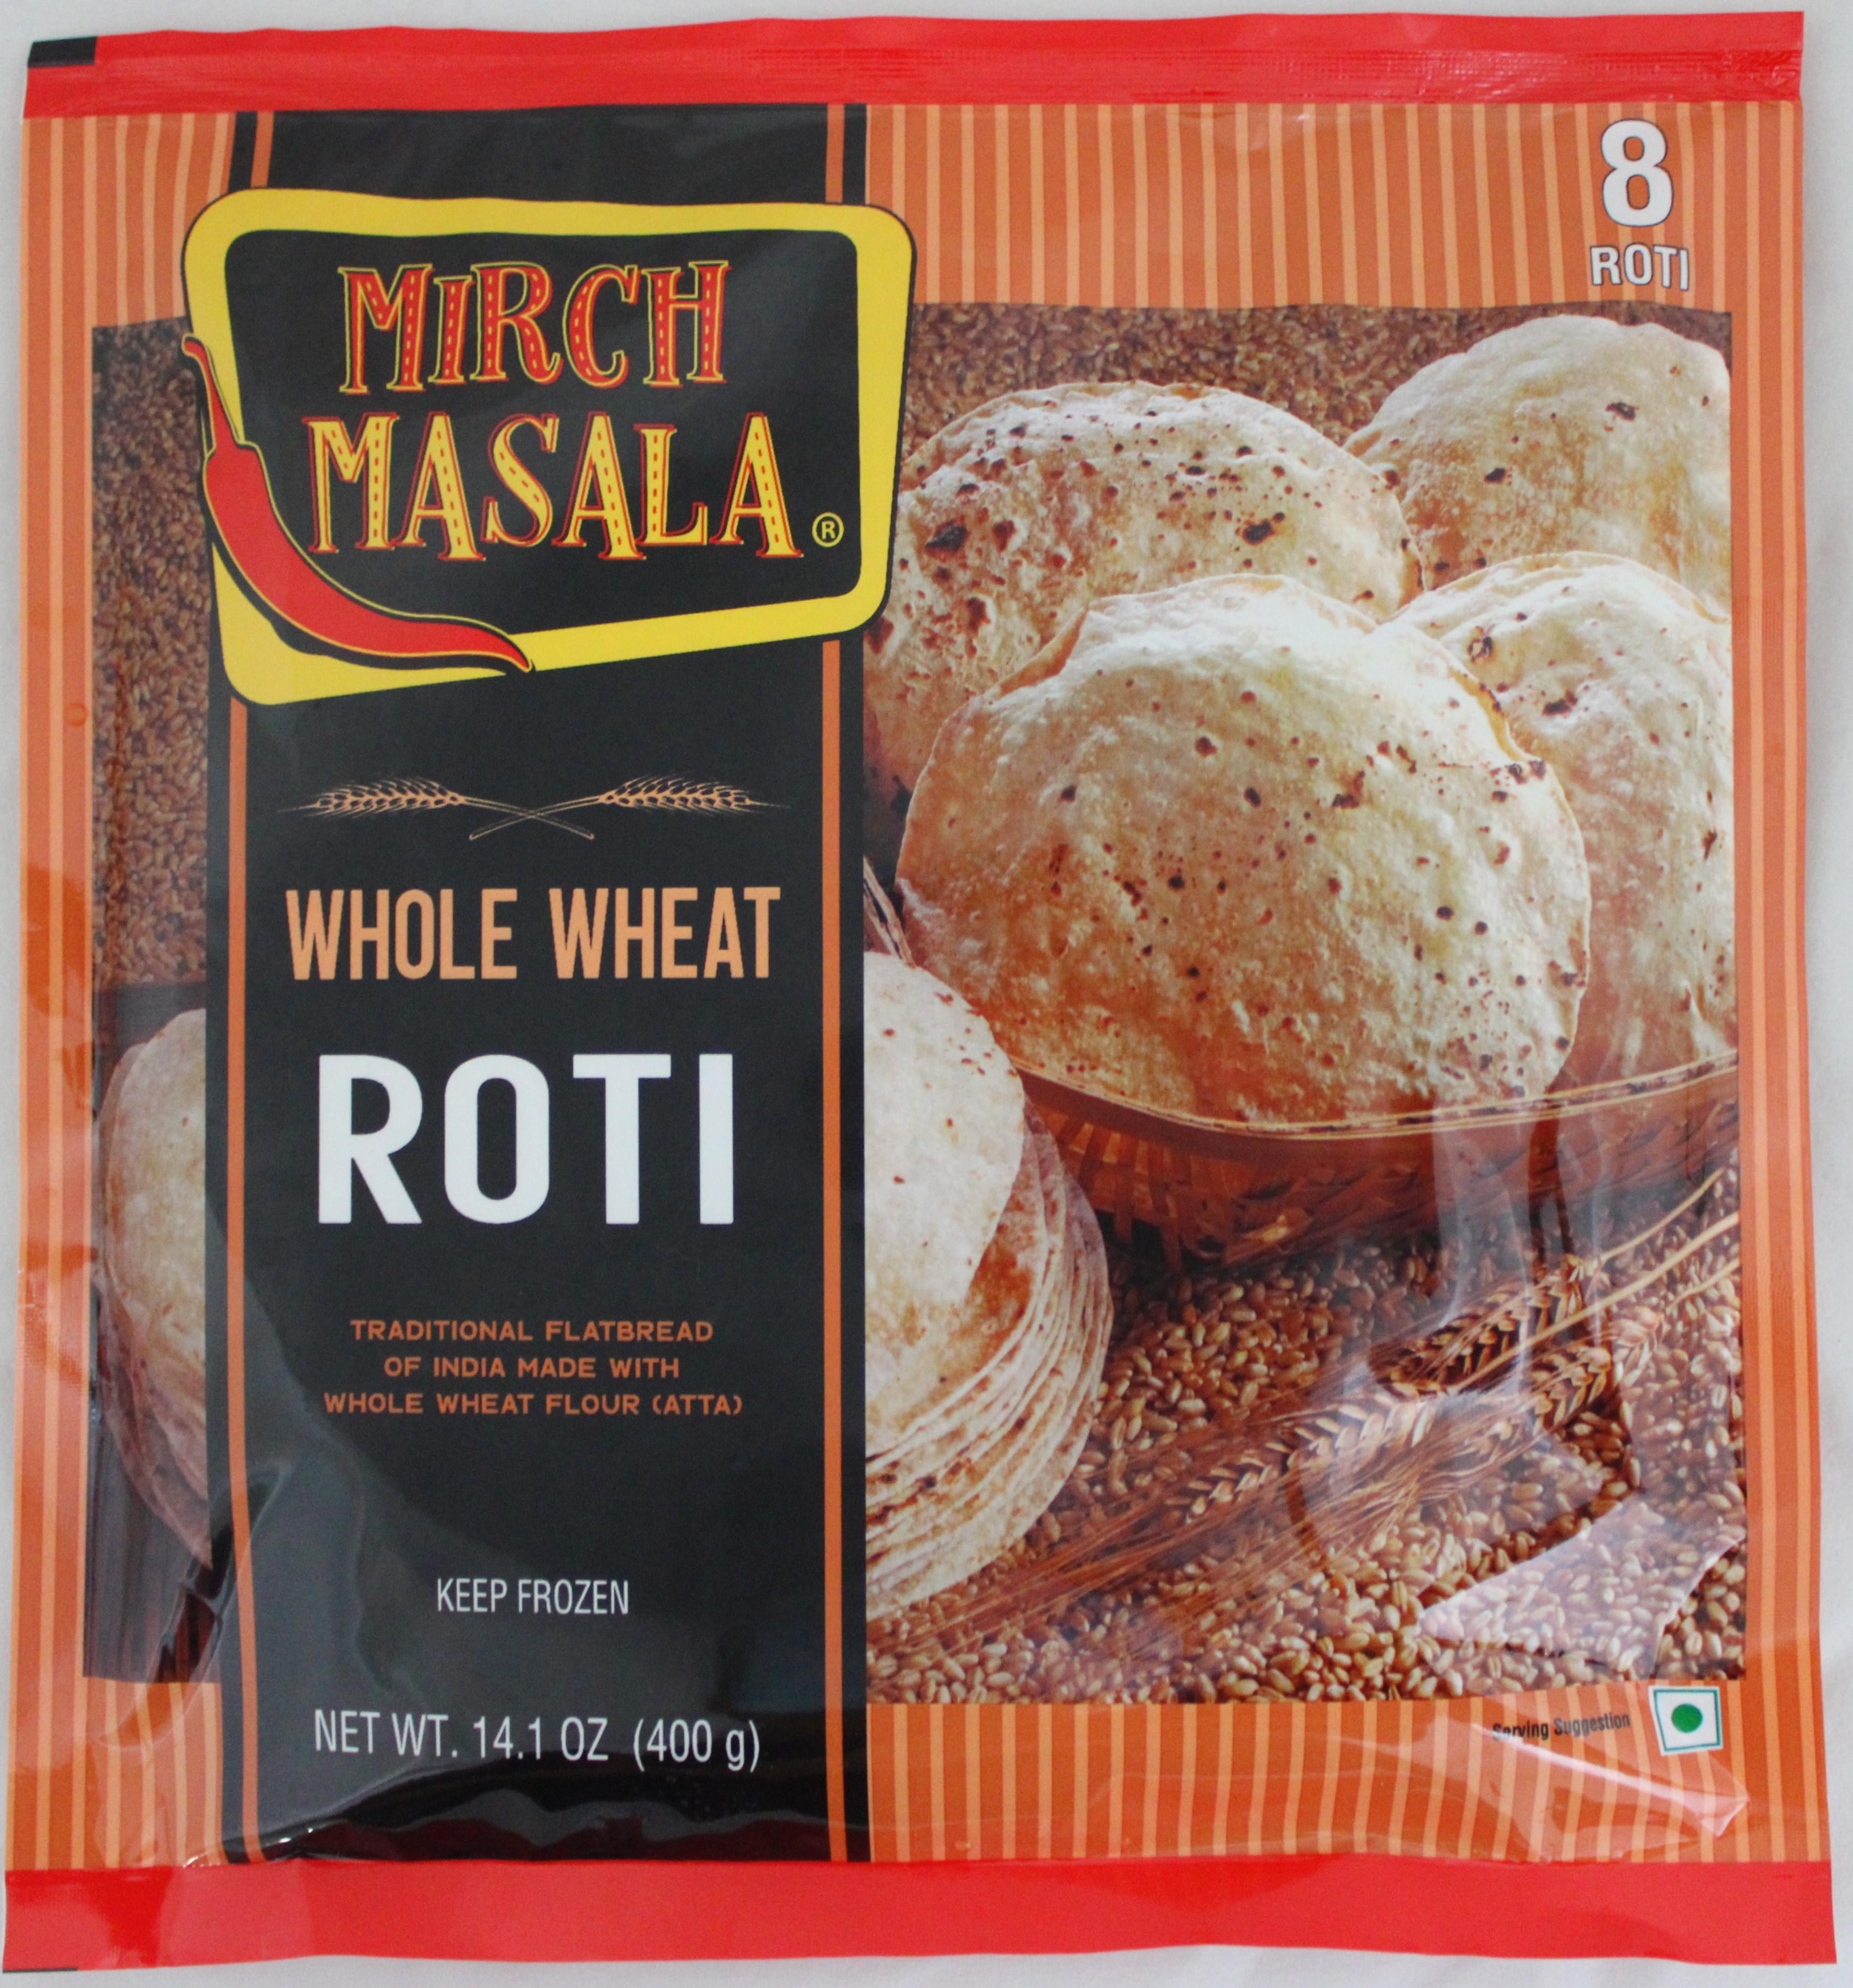 Whole Wheat Roti 8 pcs